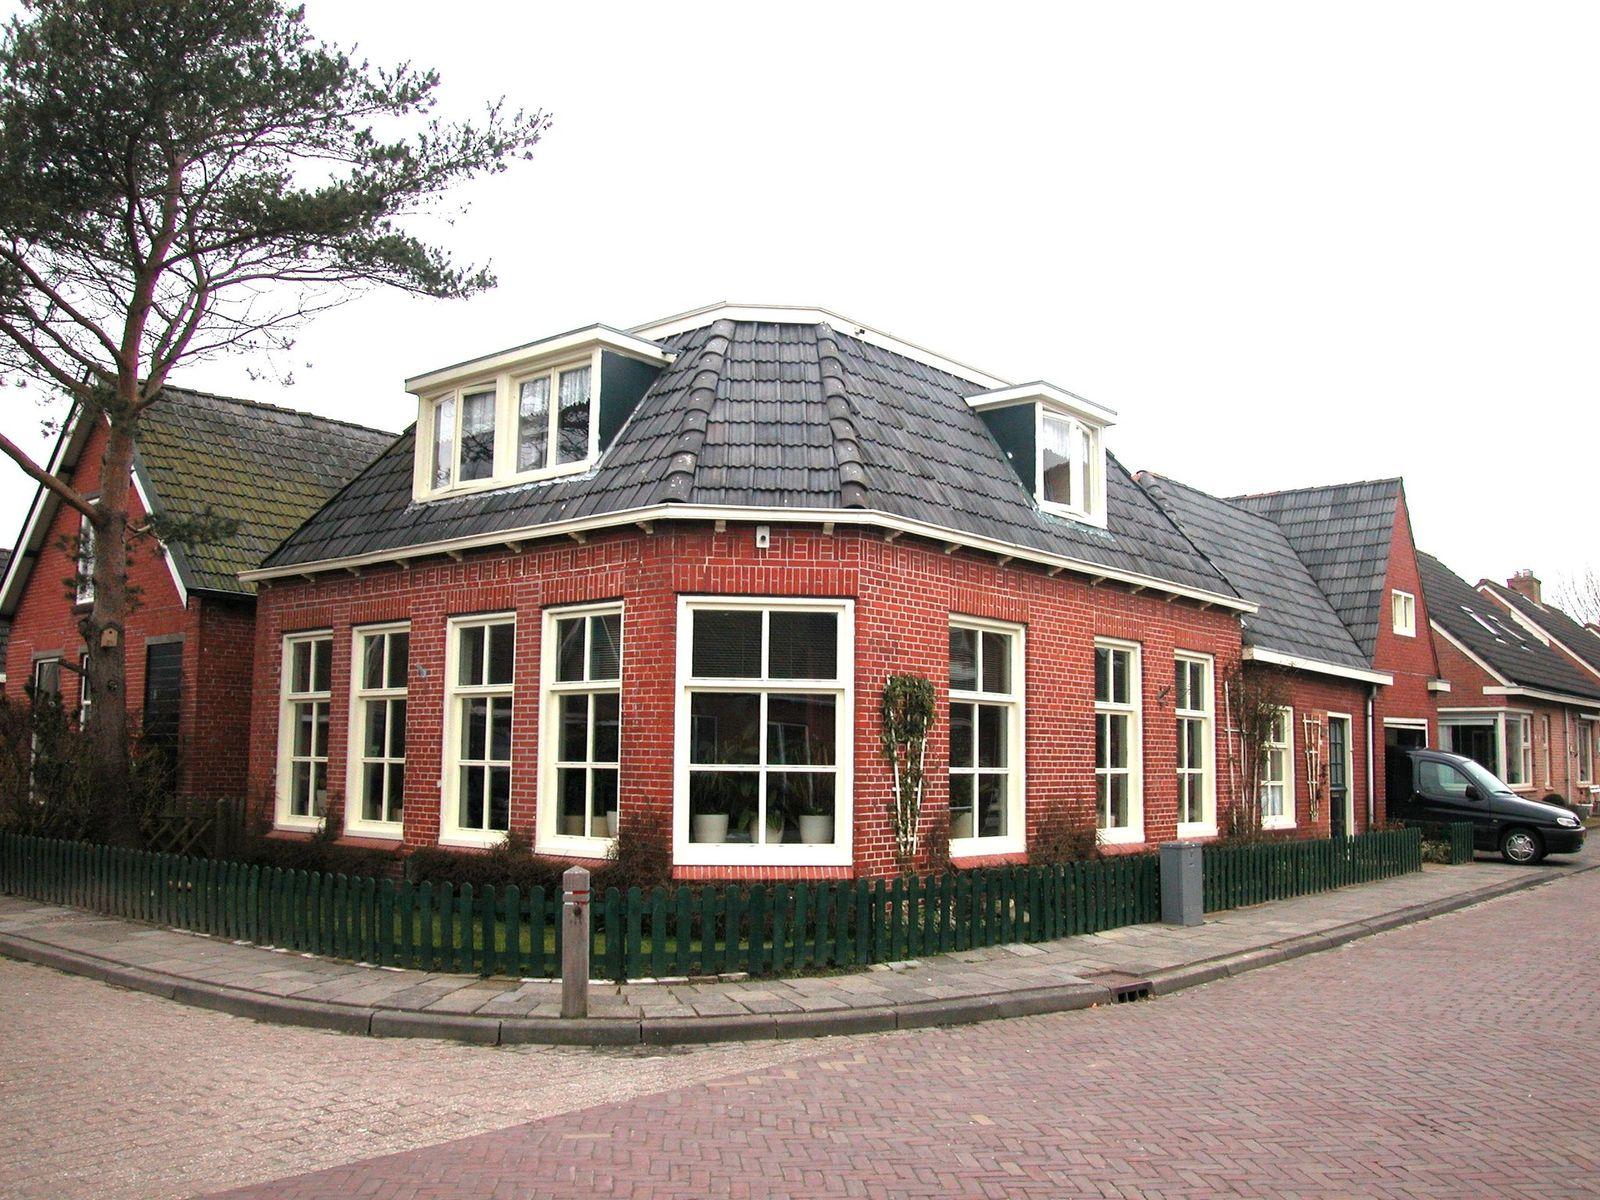 Riedhusstrjitte 12, Ternaard